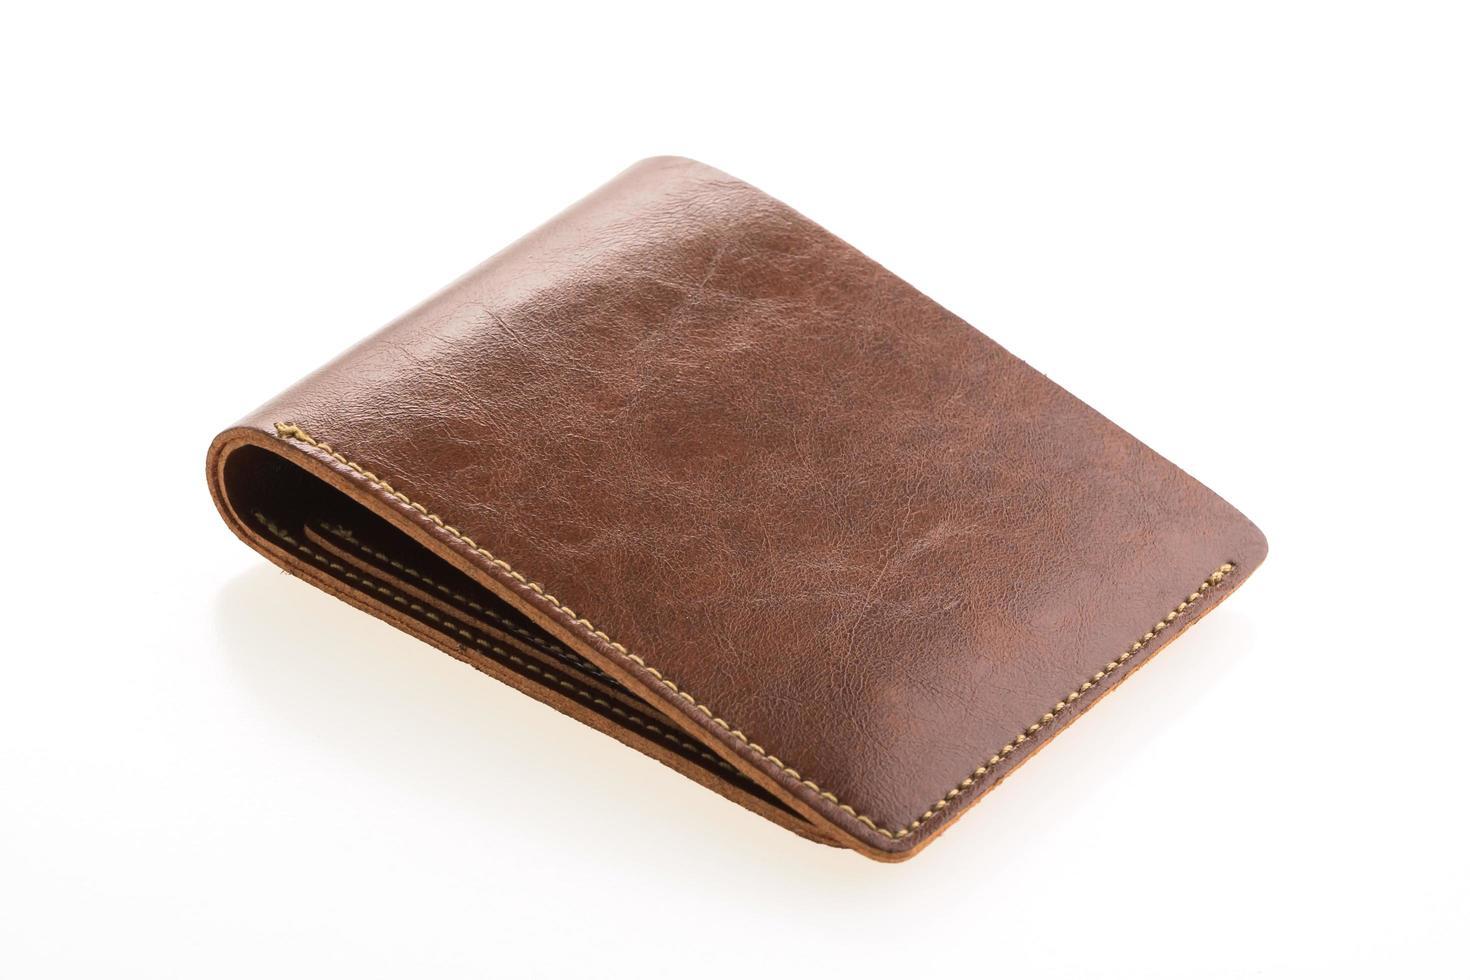 Portefeuille en cuir marron sur fond blanc photo